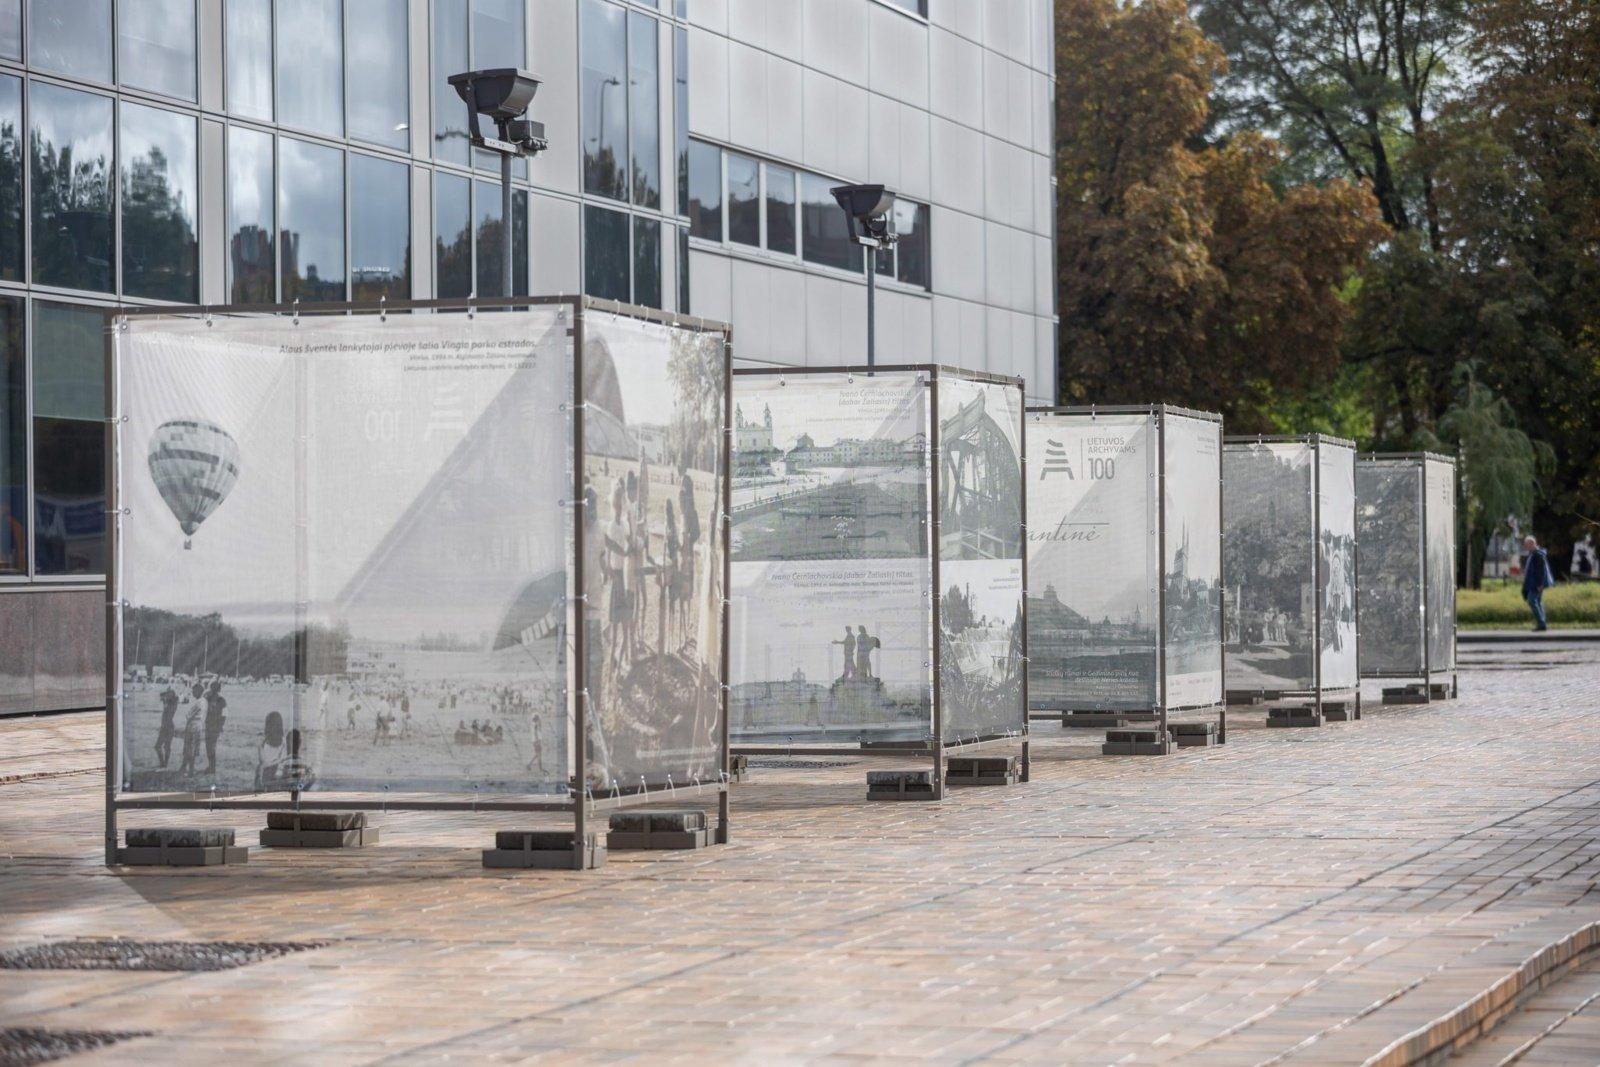 Valstybės archyvų parodos keliasi į populiarias miestų viešąsias erdves